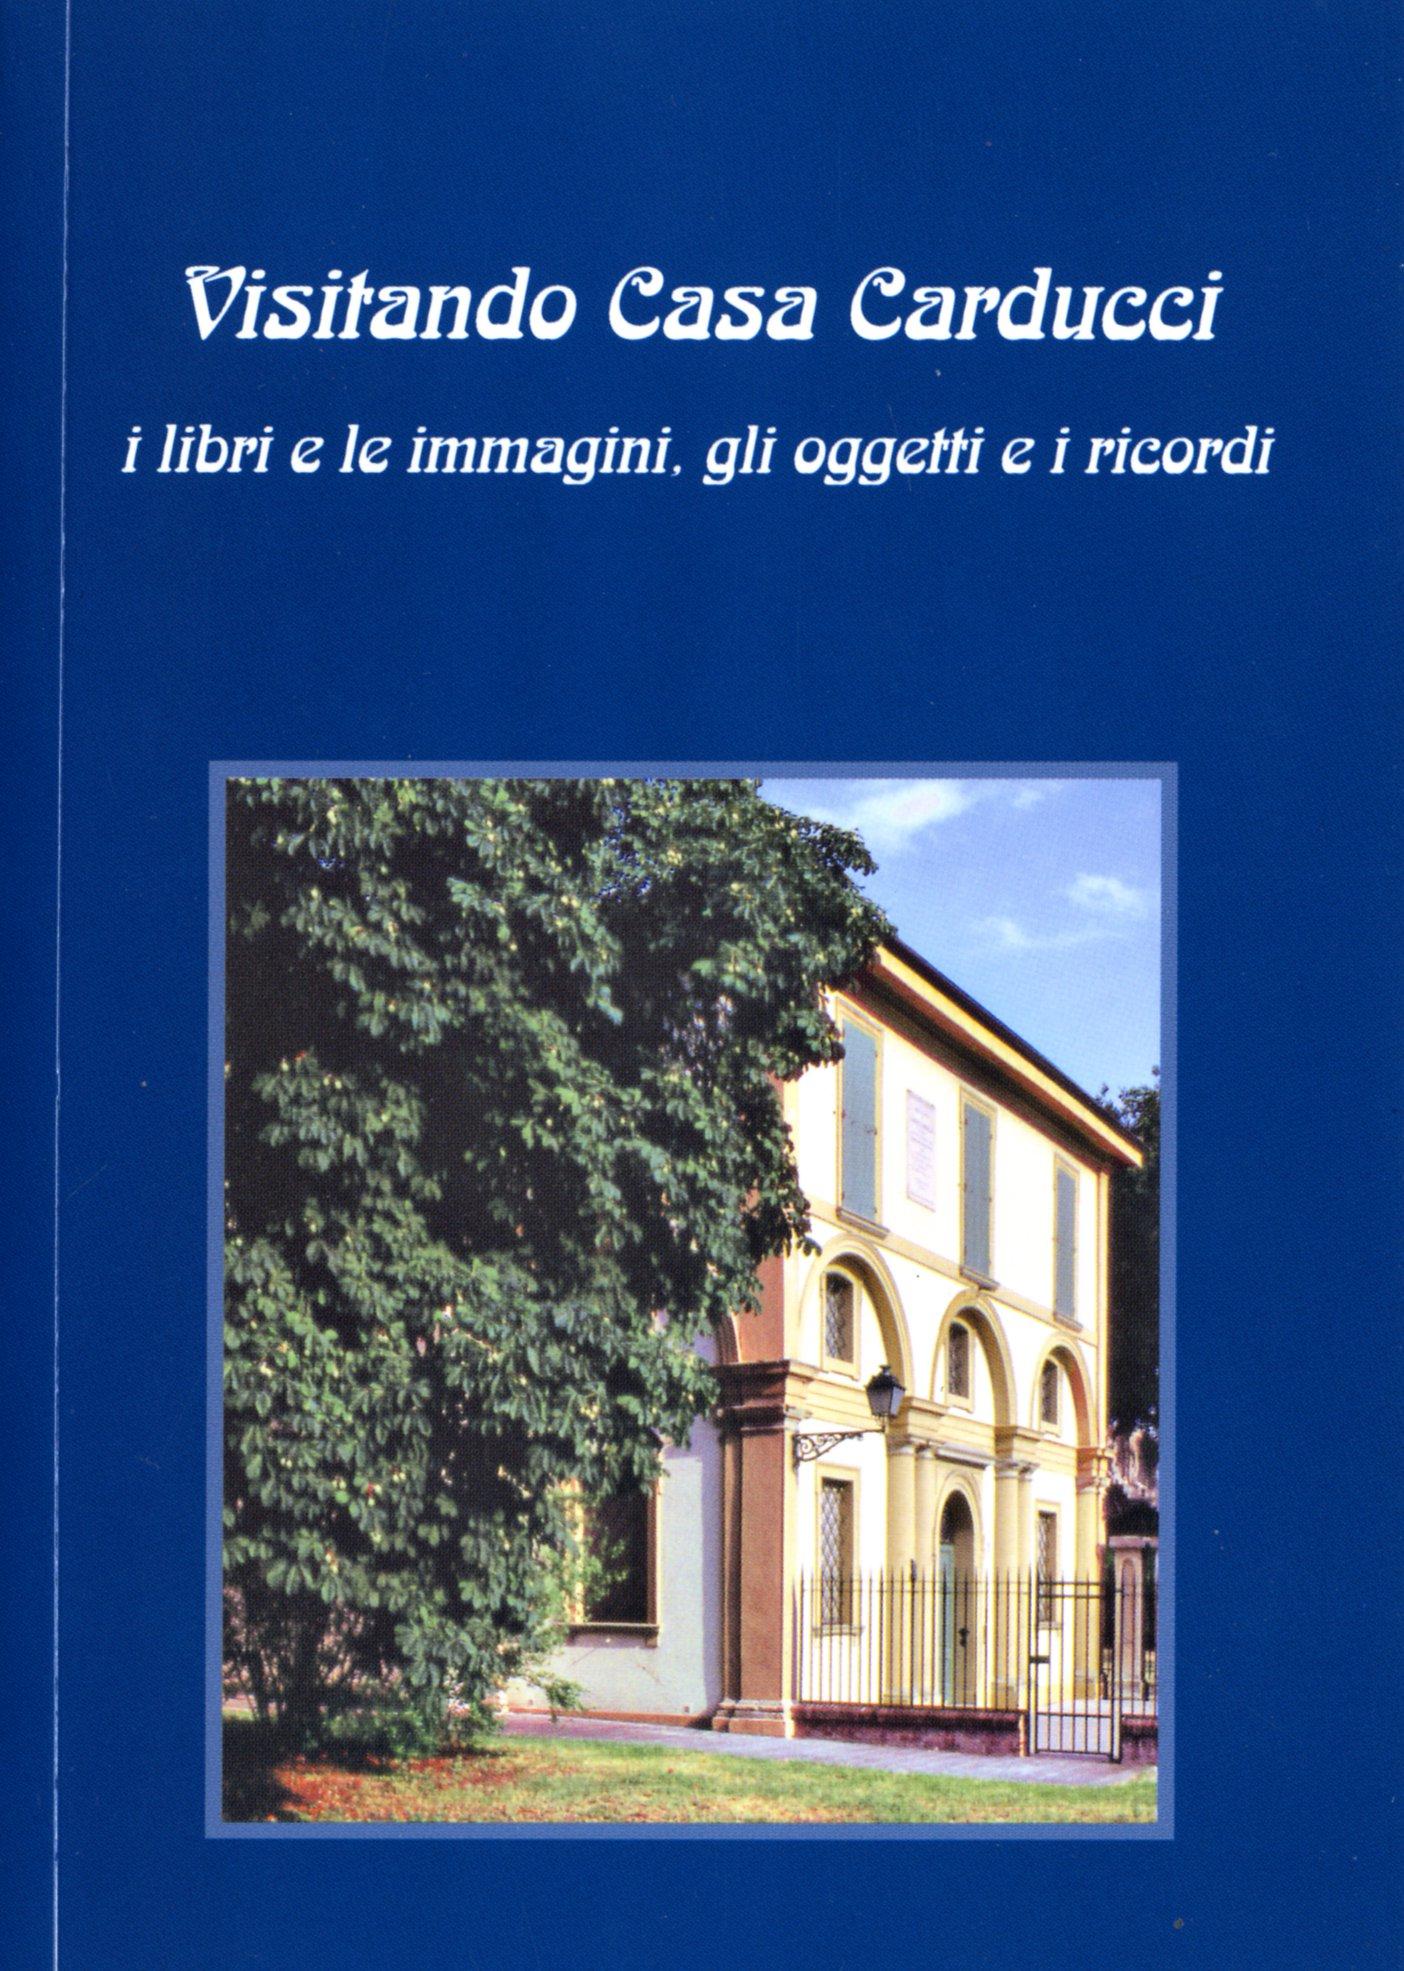 Visitando Casa Carducci